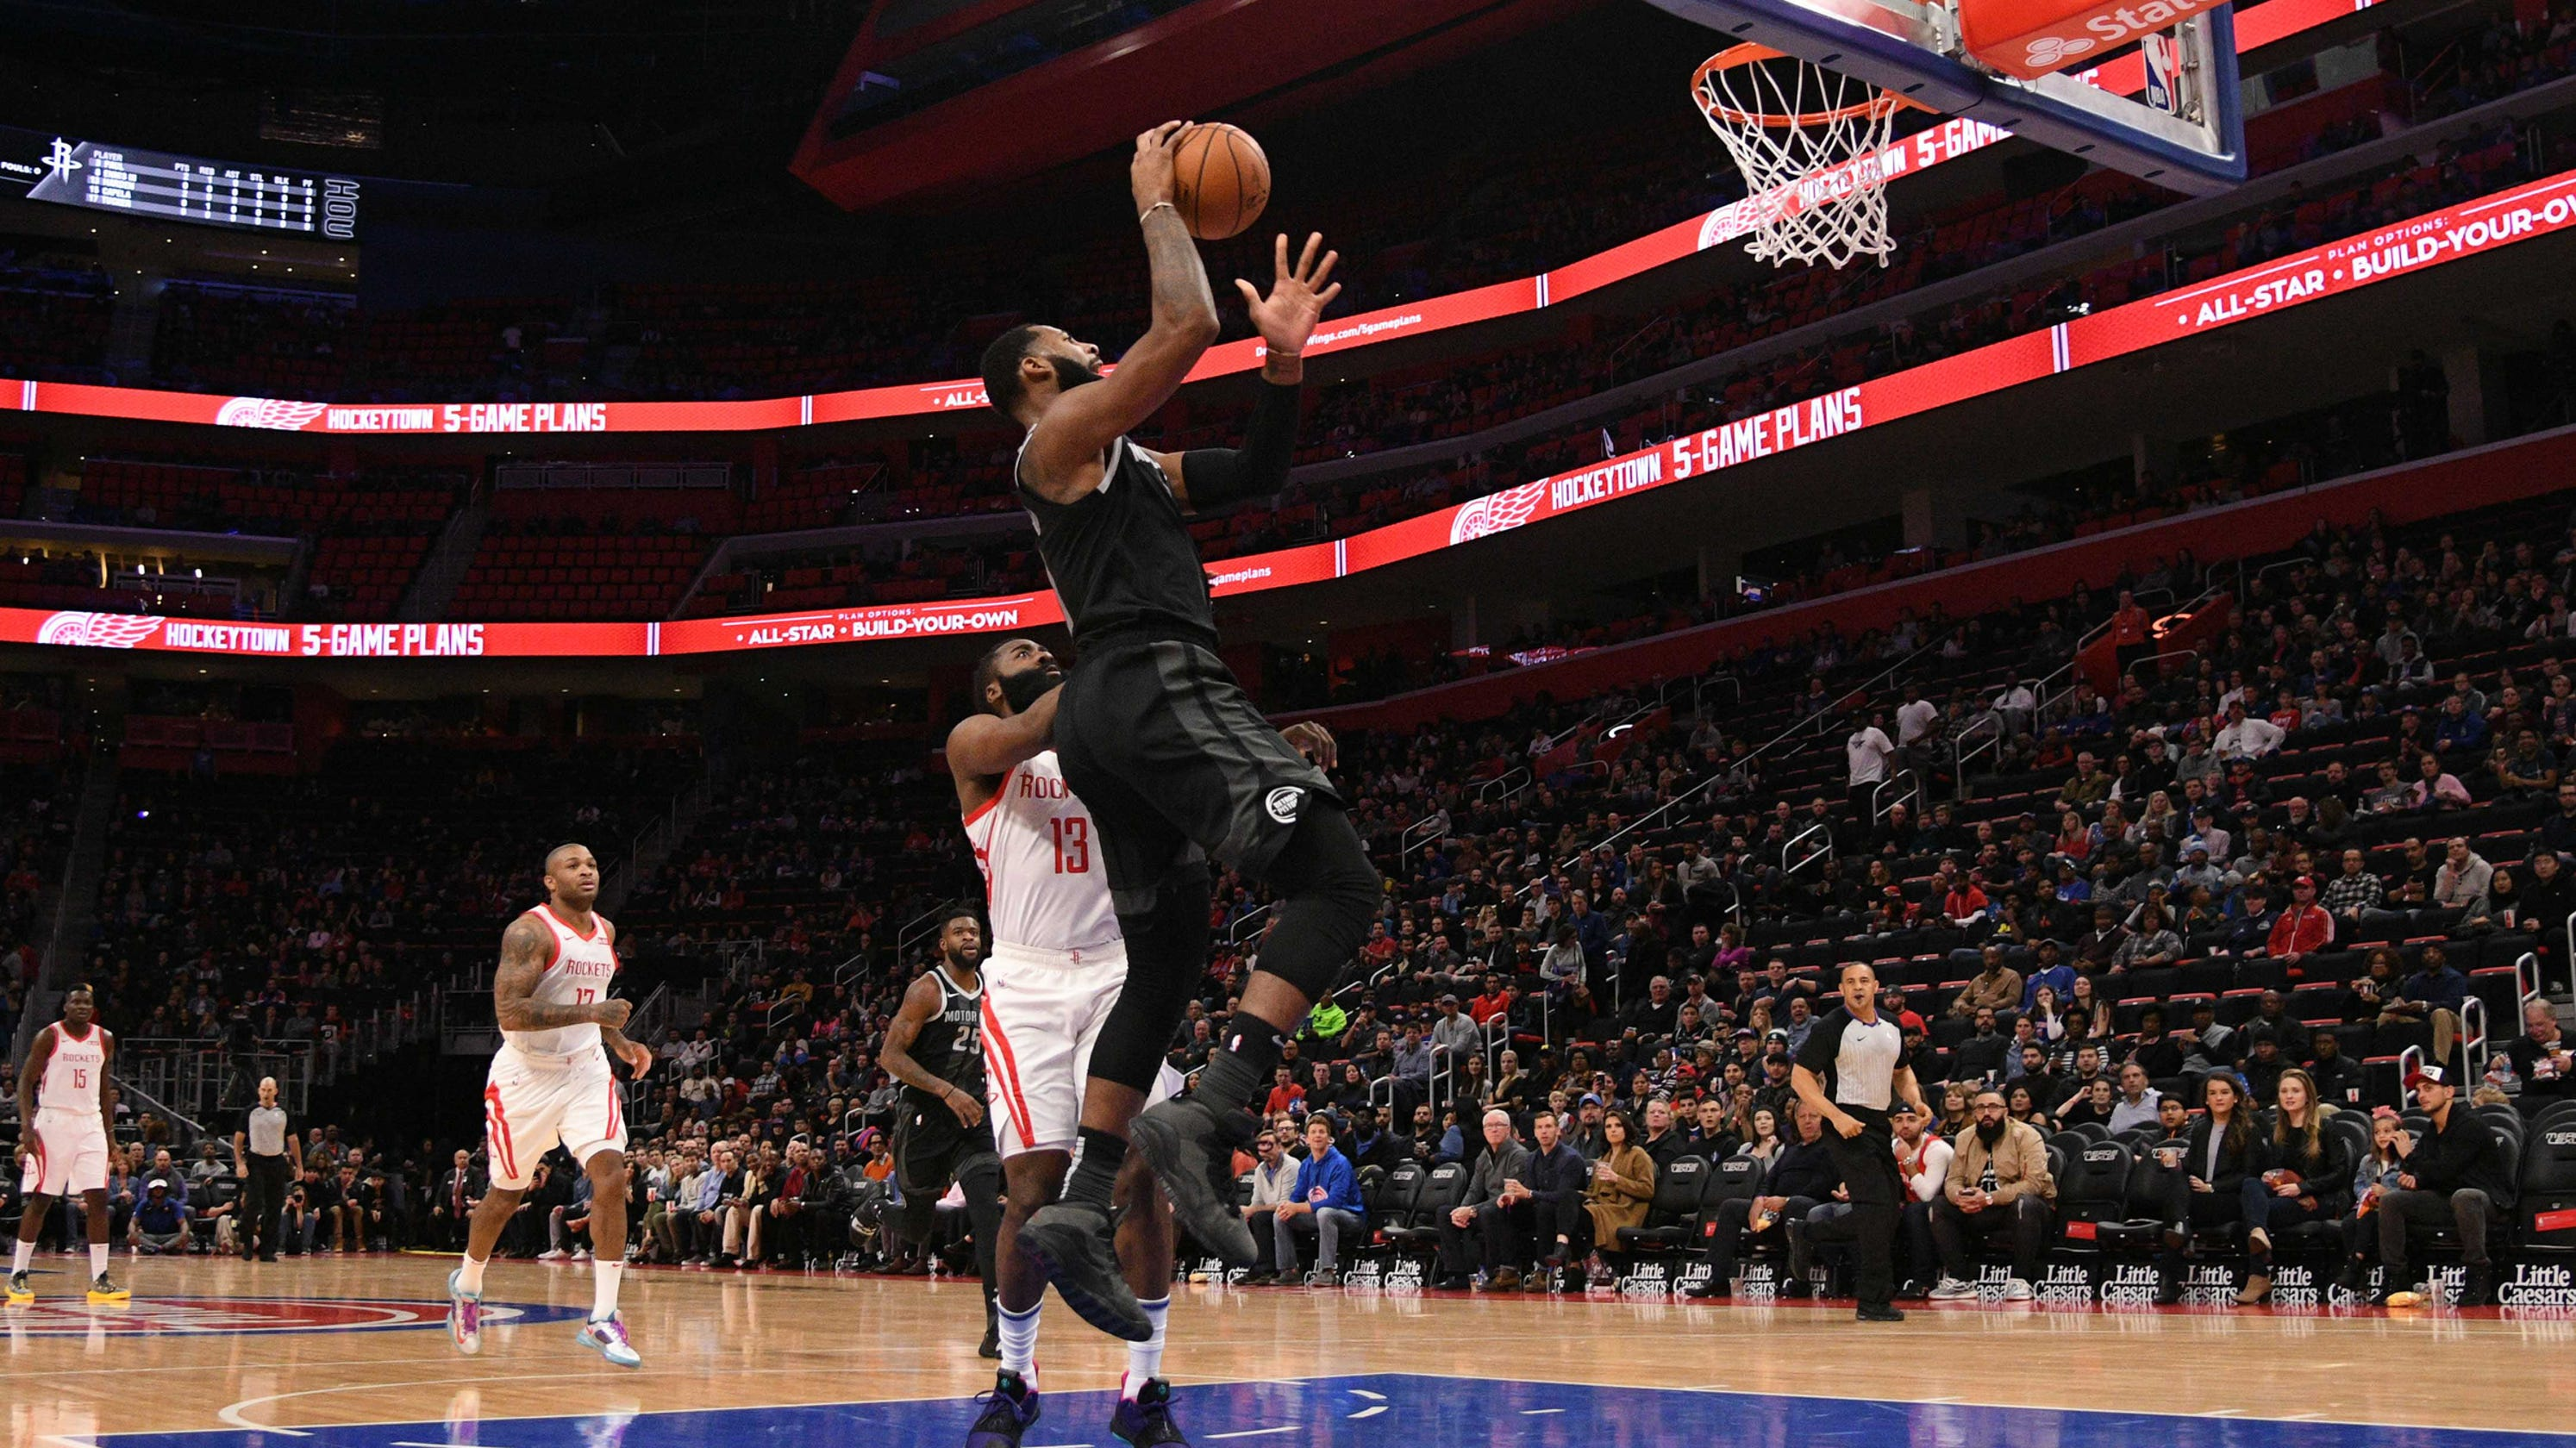 Detroit Pistons score vs. Houston Rockets: Score updates Rockets Score